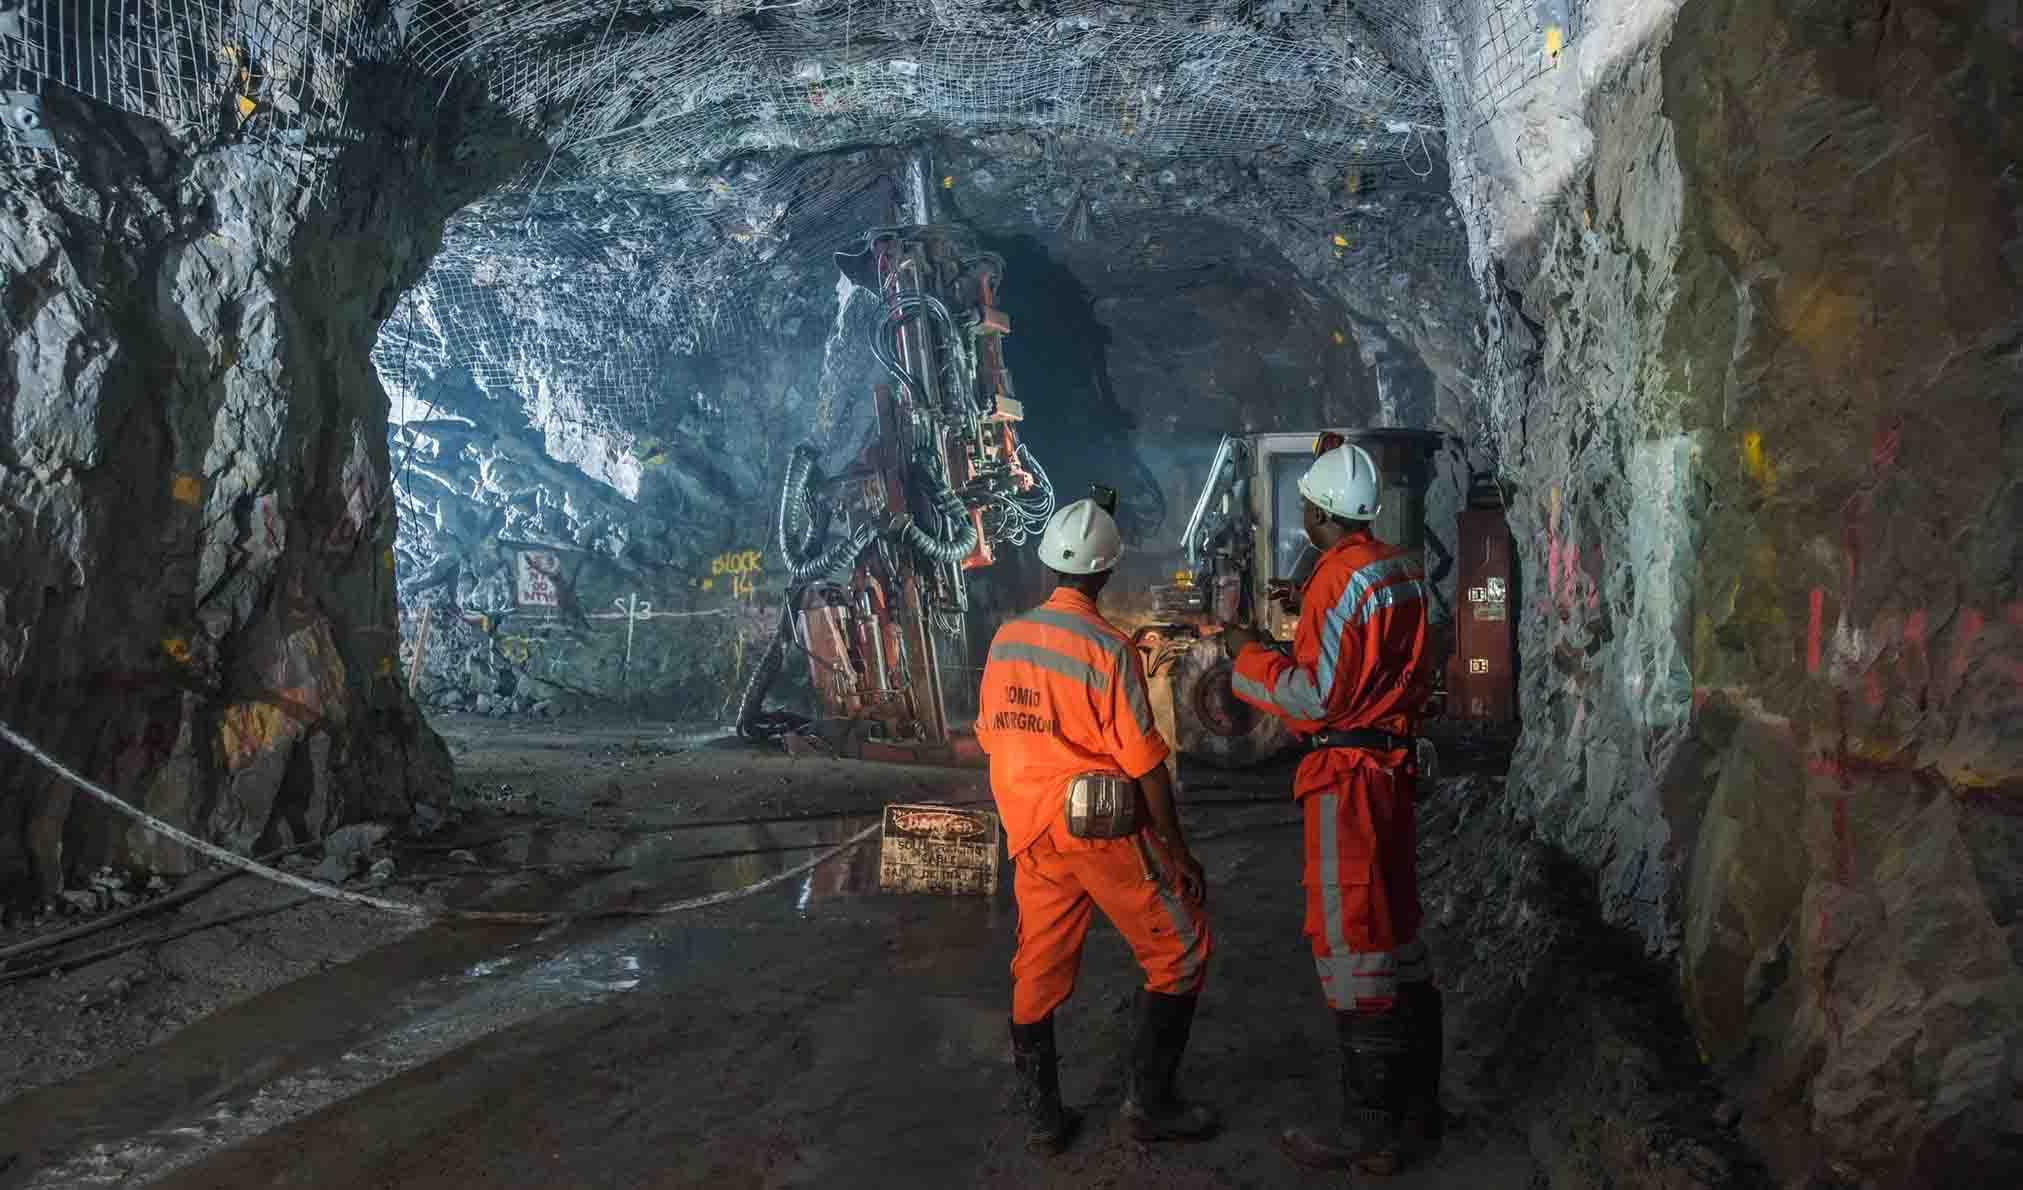 گسترش قلمرو کرونا و اختلال در فعالیتهای معدنی جهان